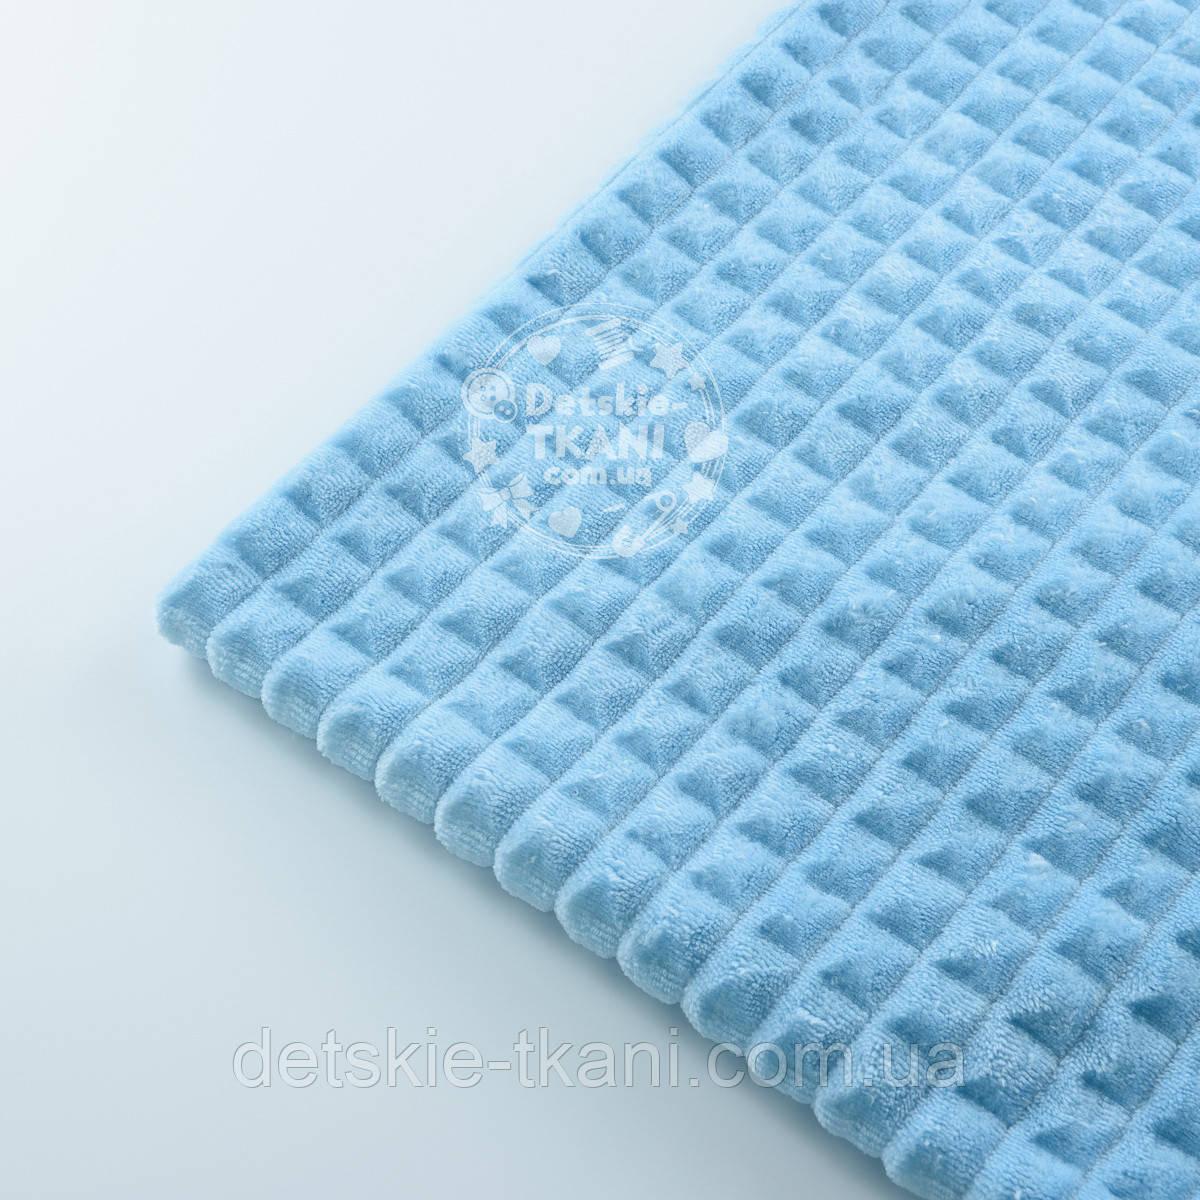 """Два шматка плюшу """"Пірамідки"""", блакитного кольору (М-57), розмір 50 * 55, 50 * 100 см (є брак)"""